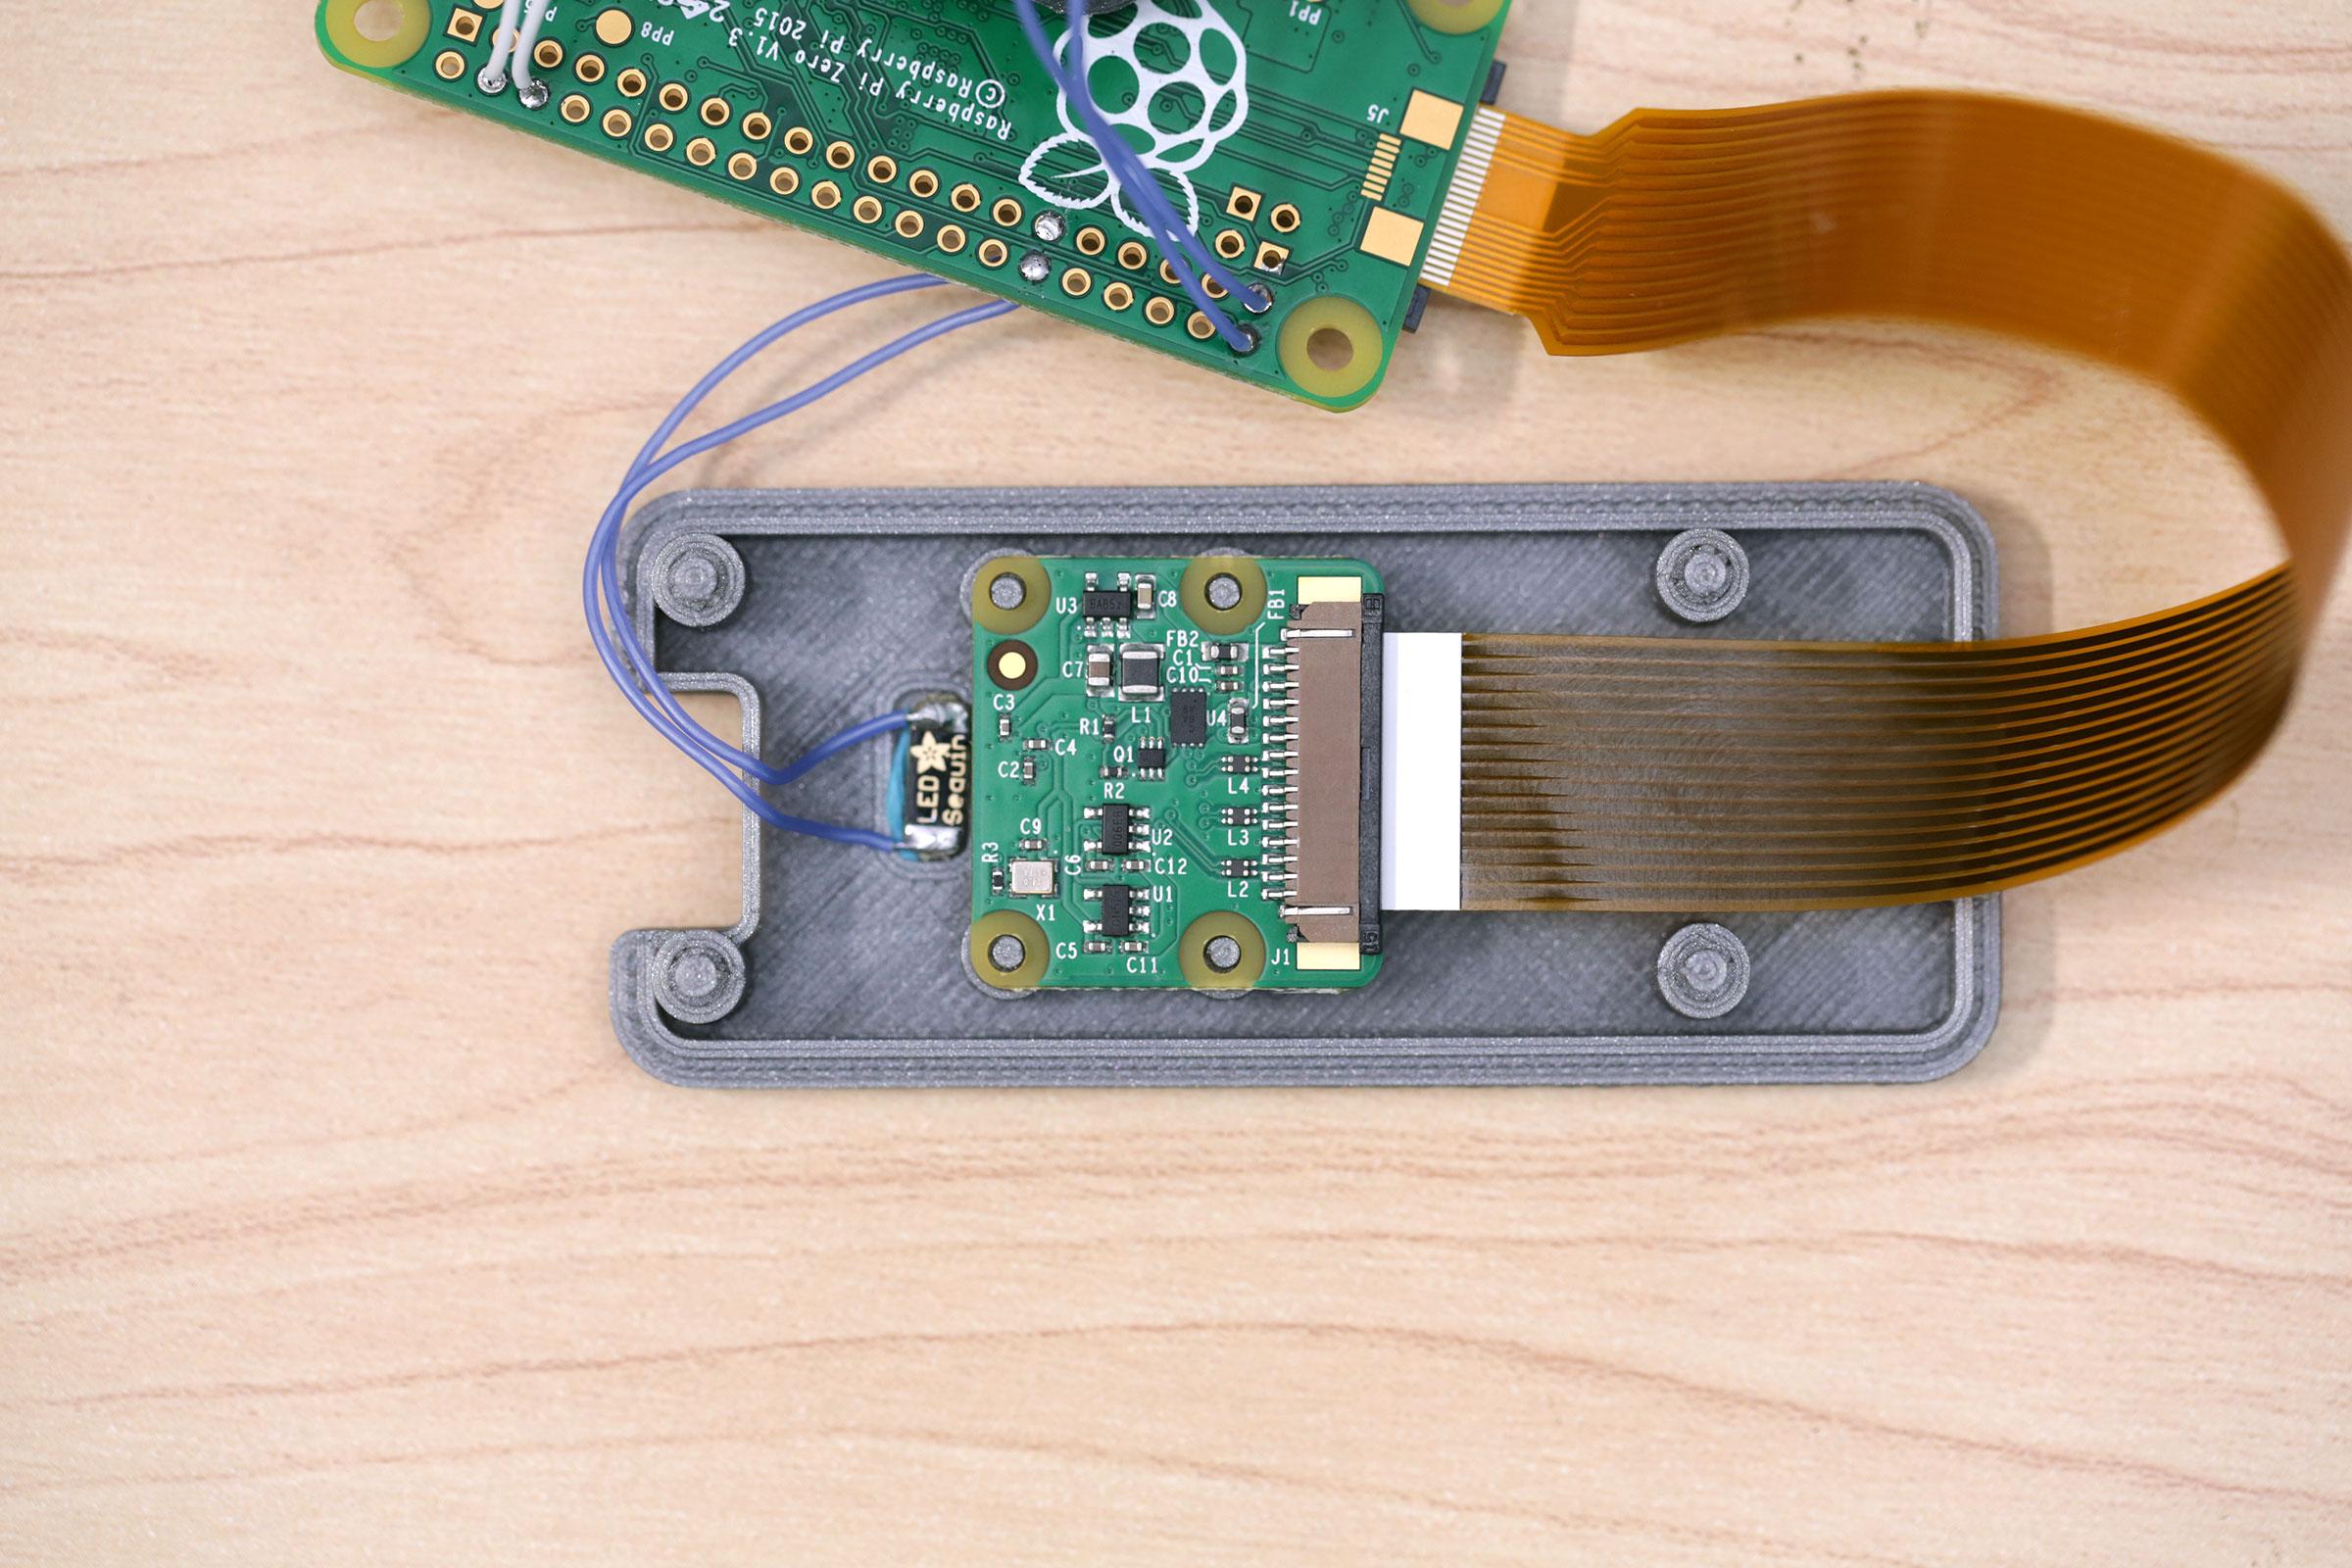 pi-camera-installed.jpg